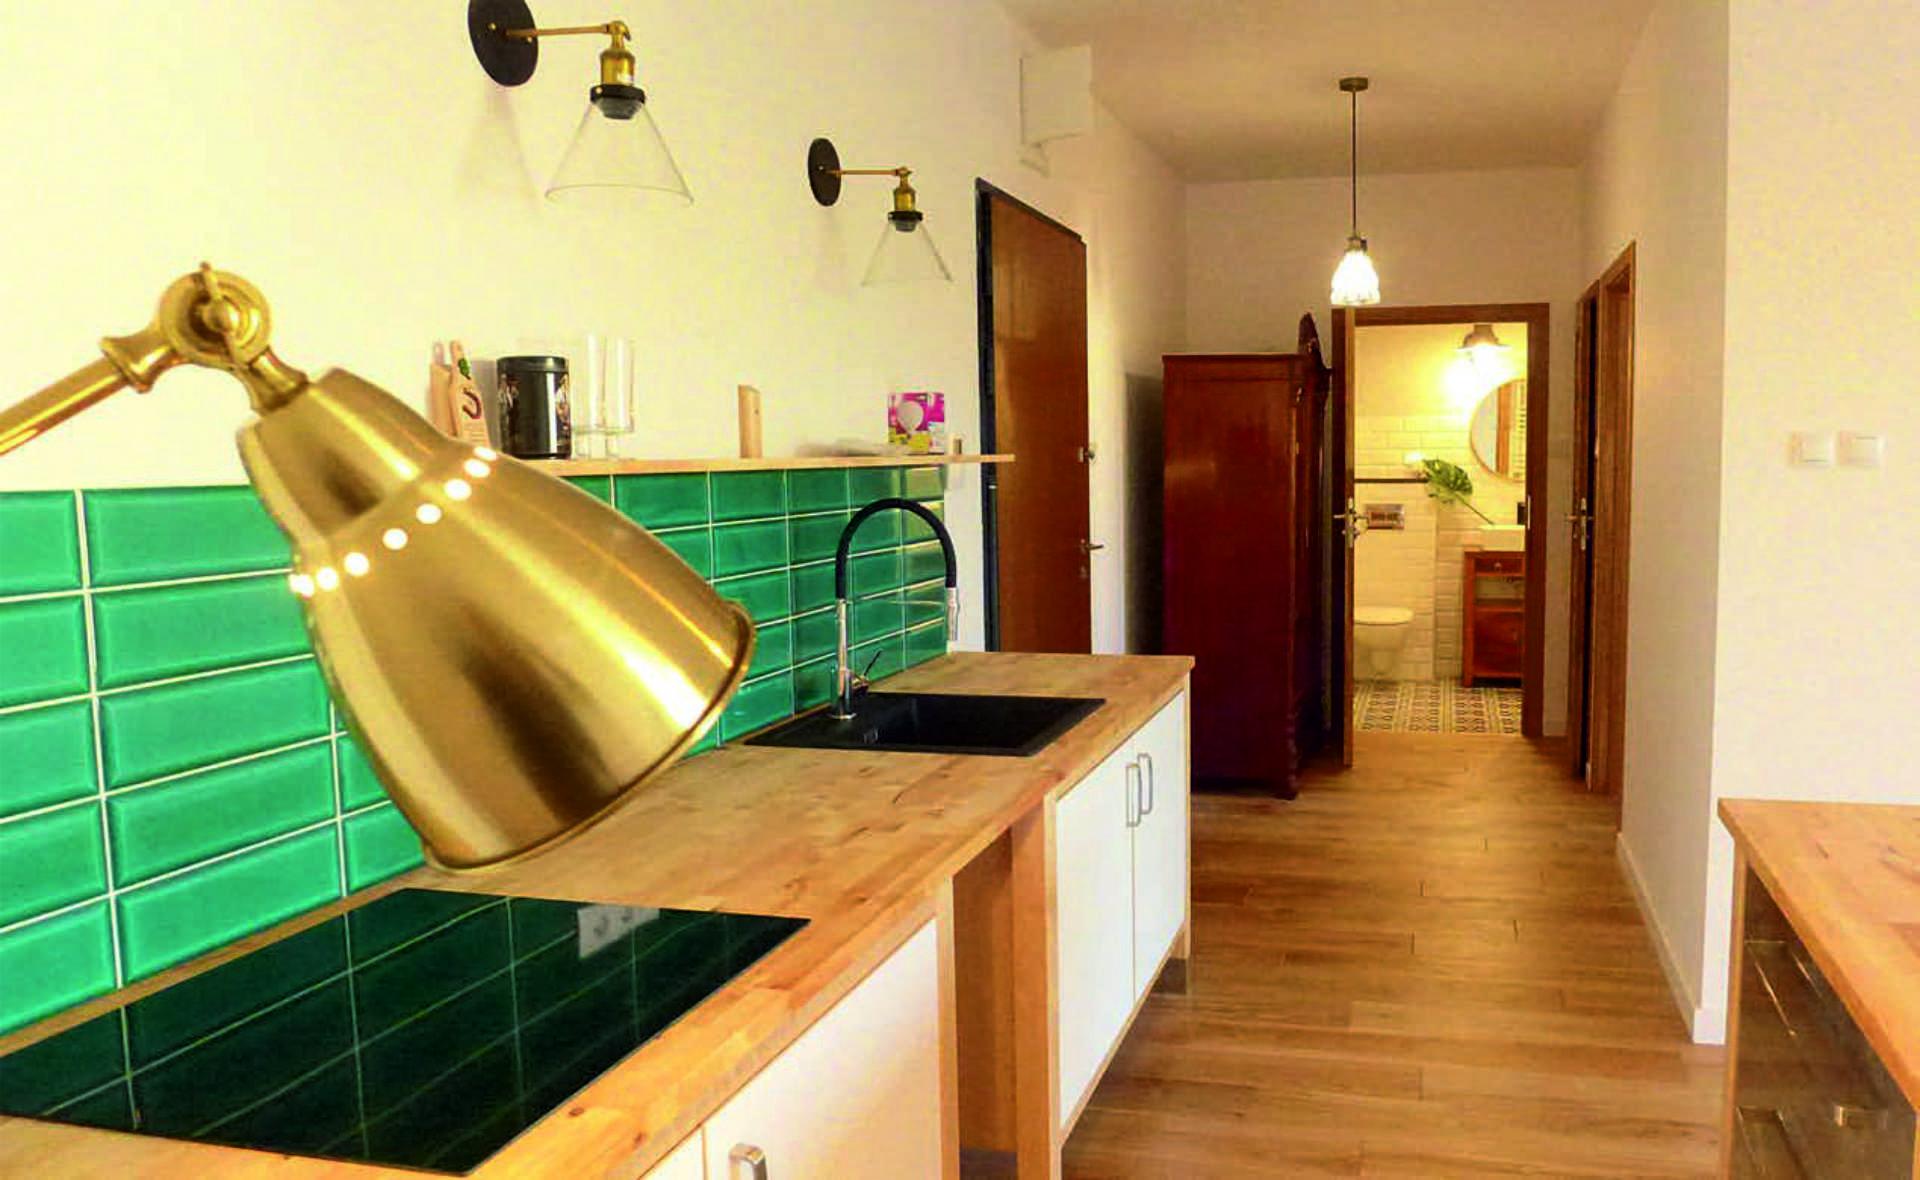 mieszkanie-projekt-wlasny